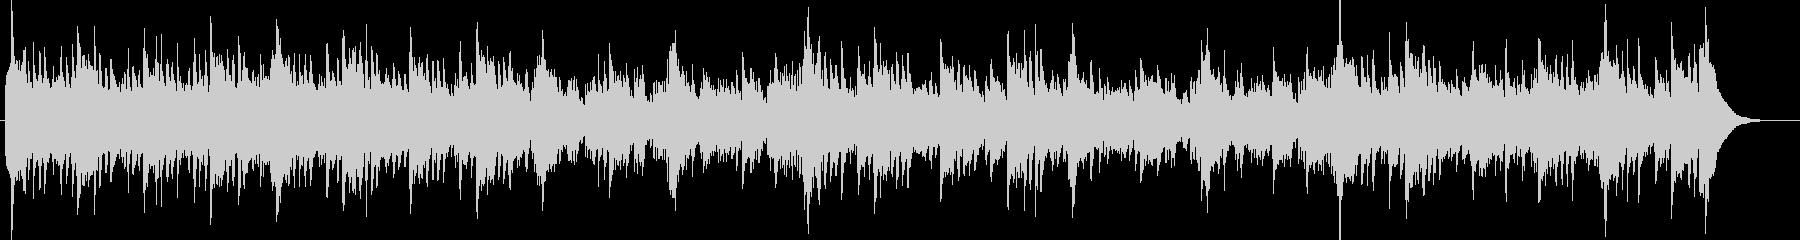 シタールとアコギ60'sラーガ・フォークの未再生の波形